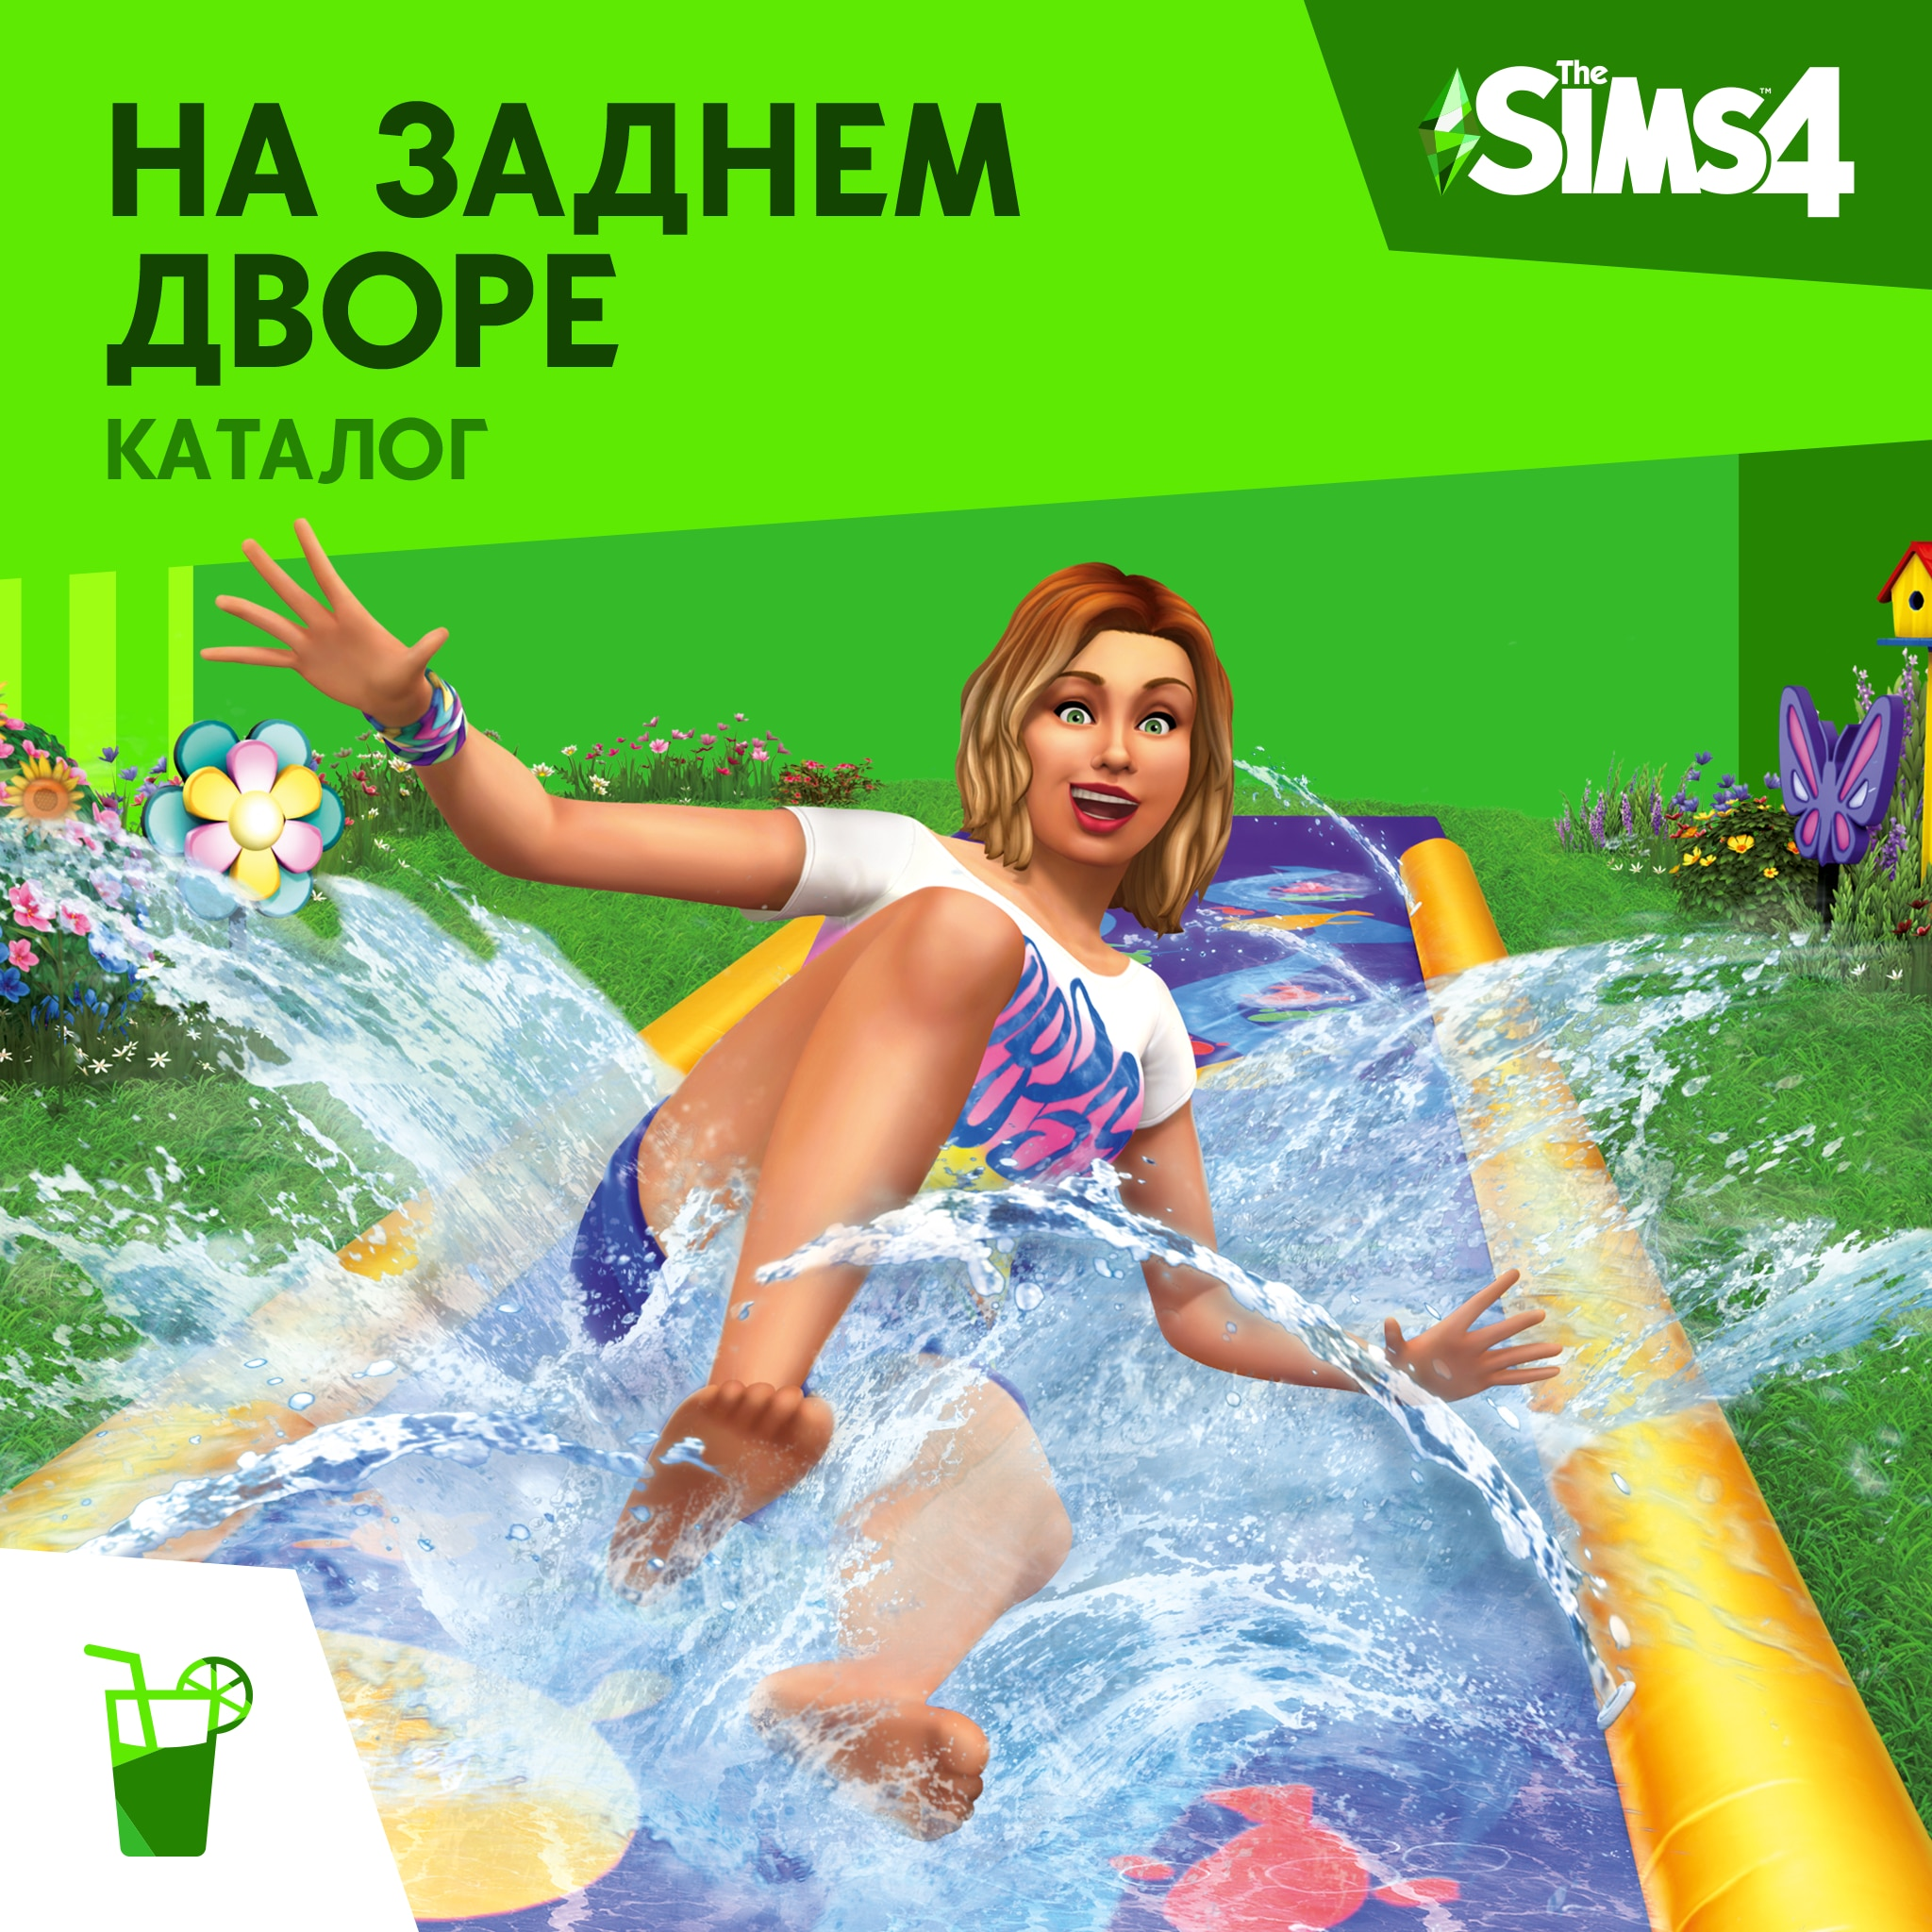 The Sims™ 4 На заднем дворе — Каталог